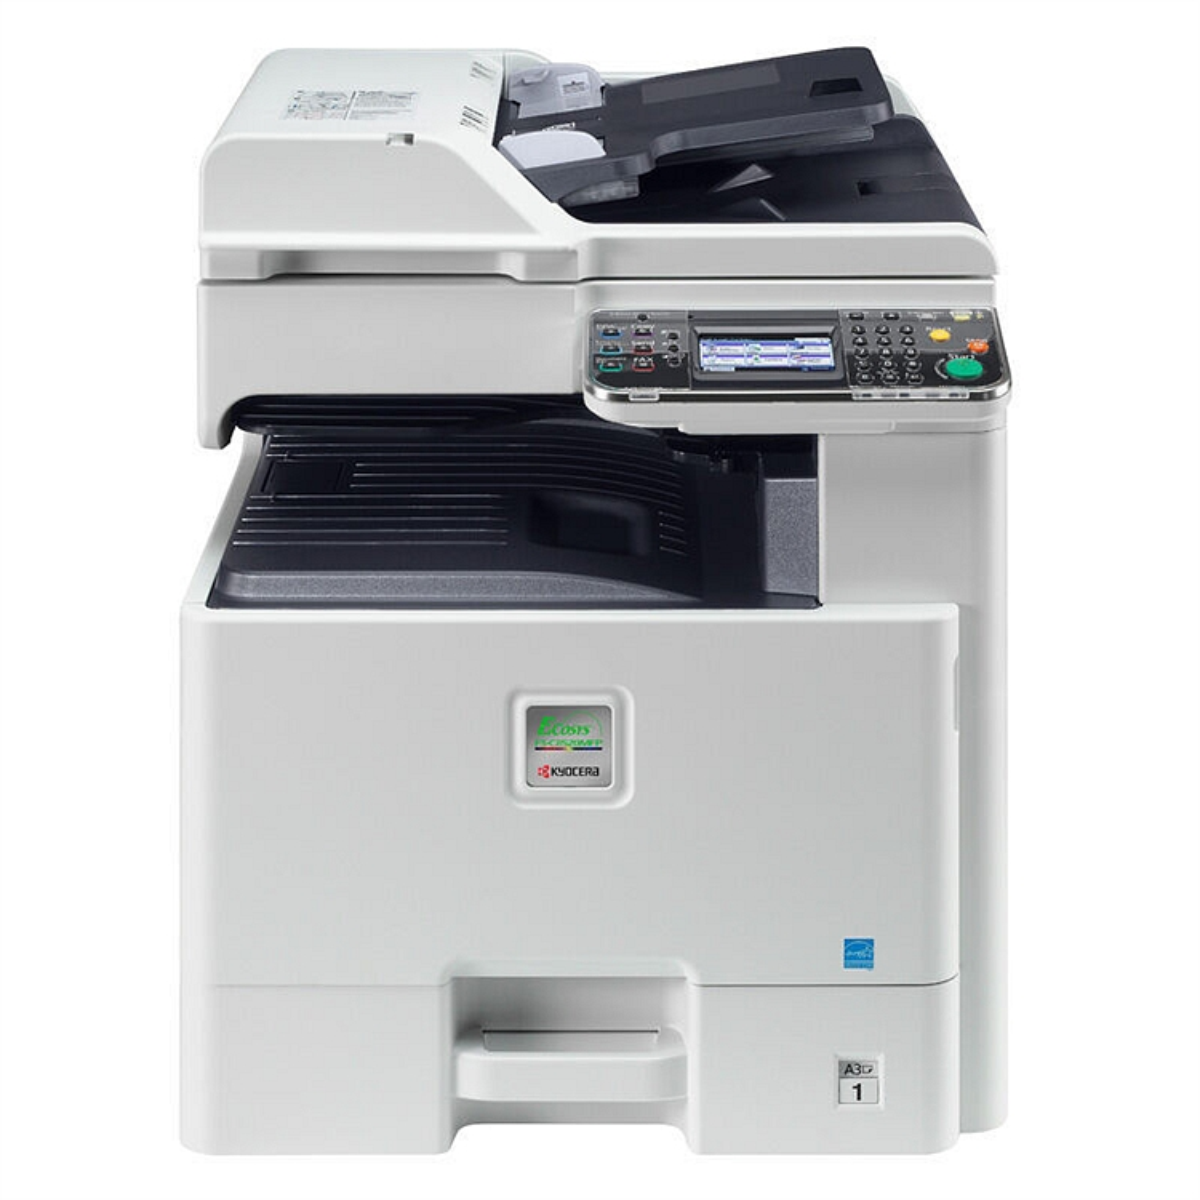 京瓷FS-C8525MFP彩色低速数码复印机标配含稿器、双面器(台)